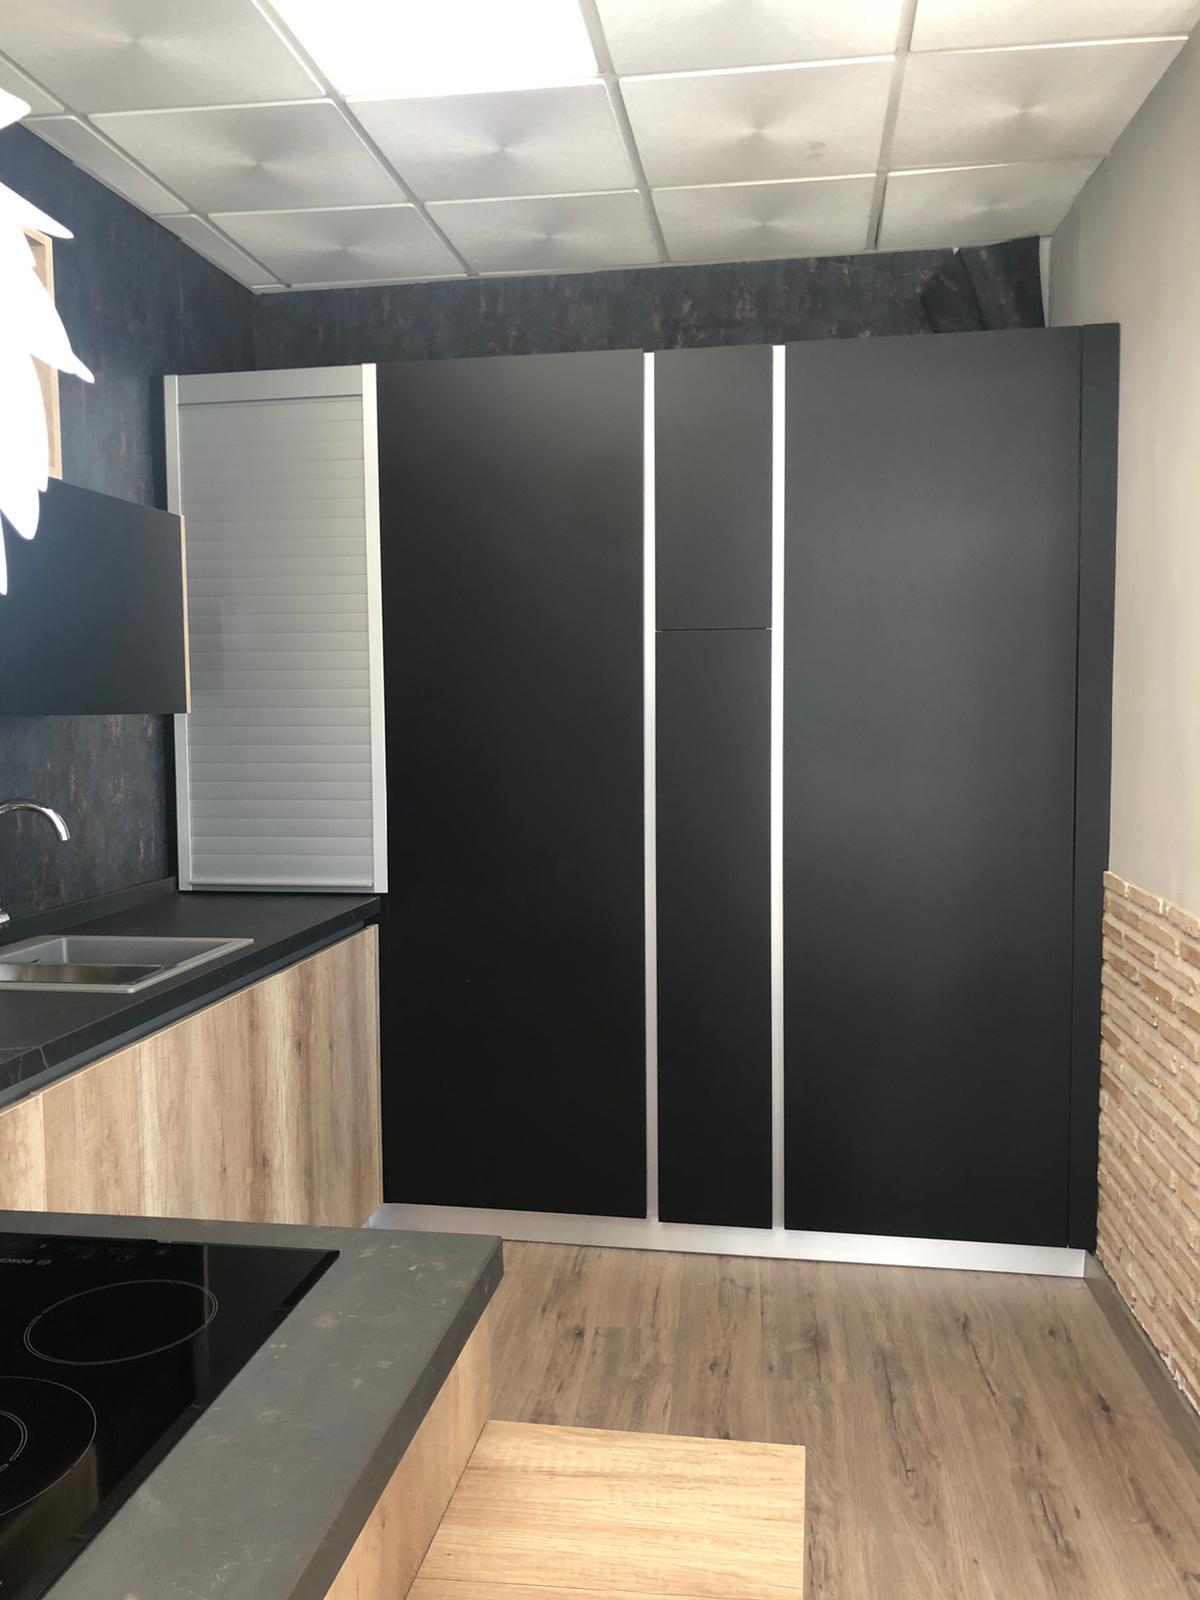 Cocina Laminada Negra - 1700€